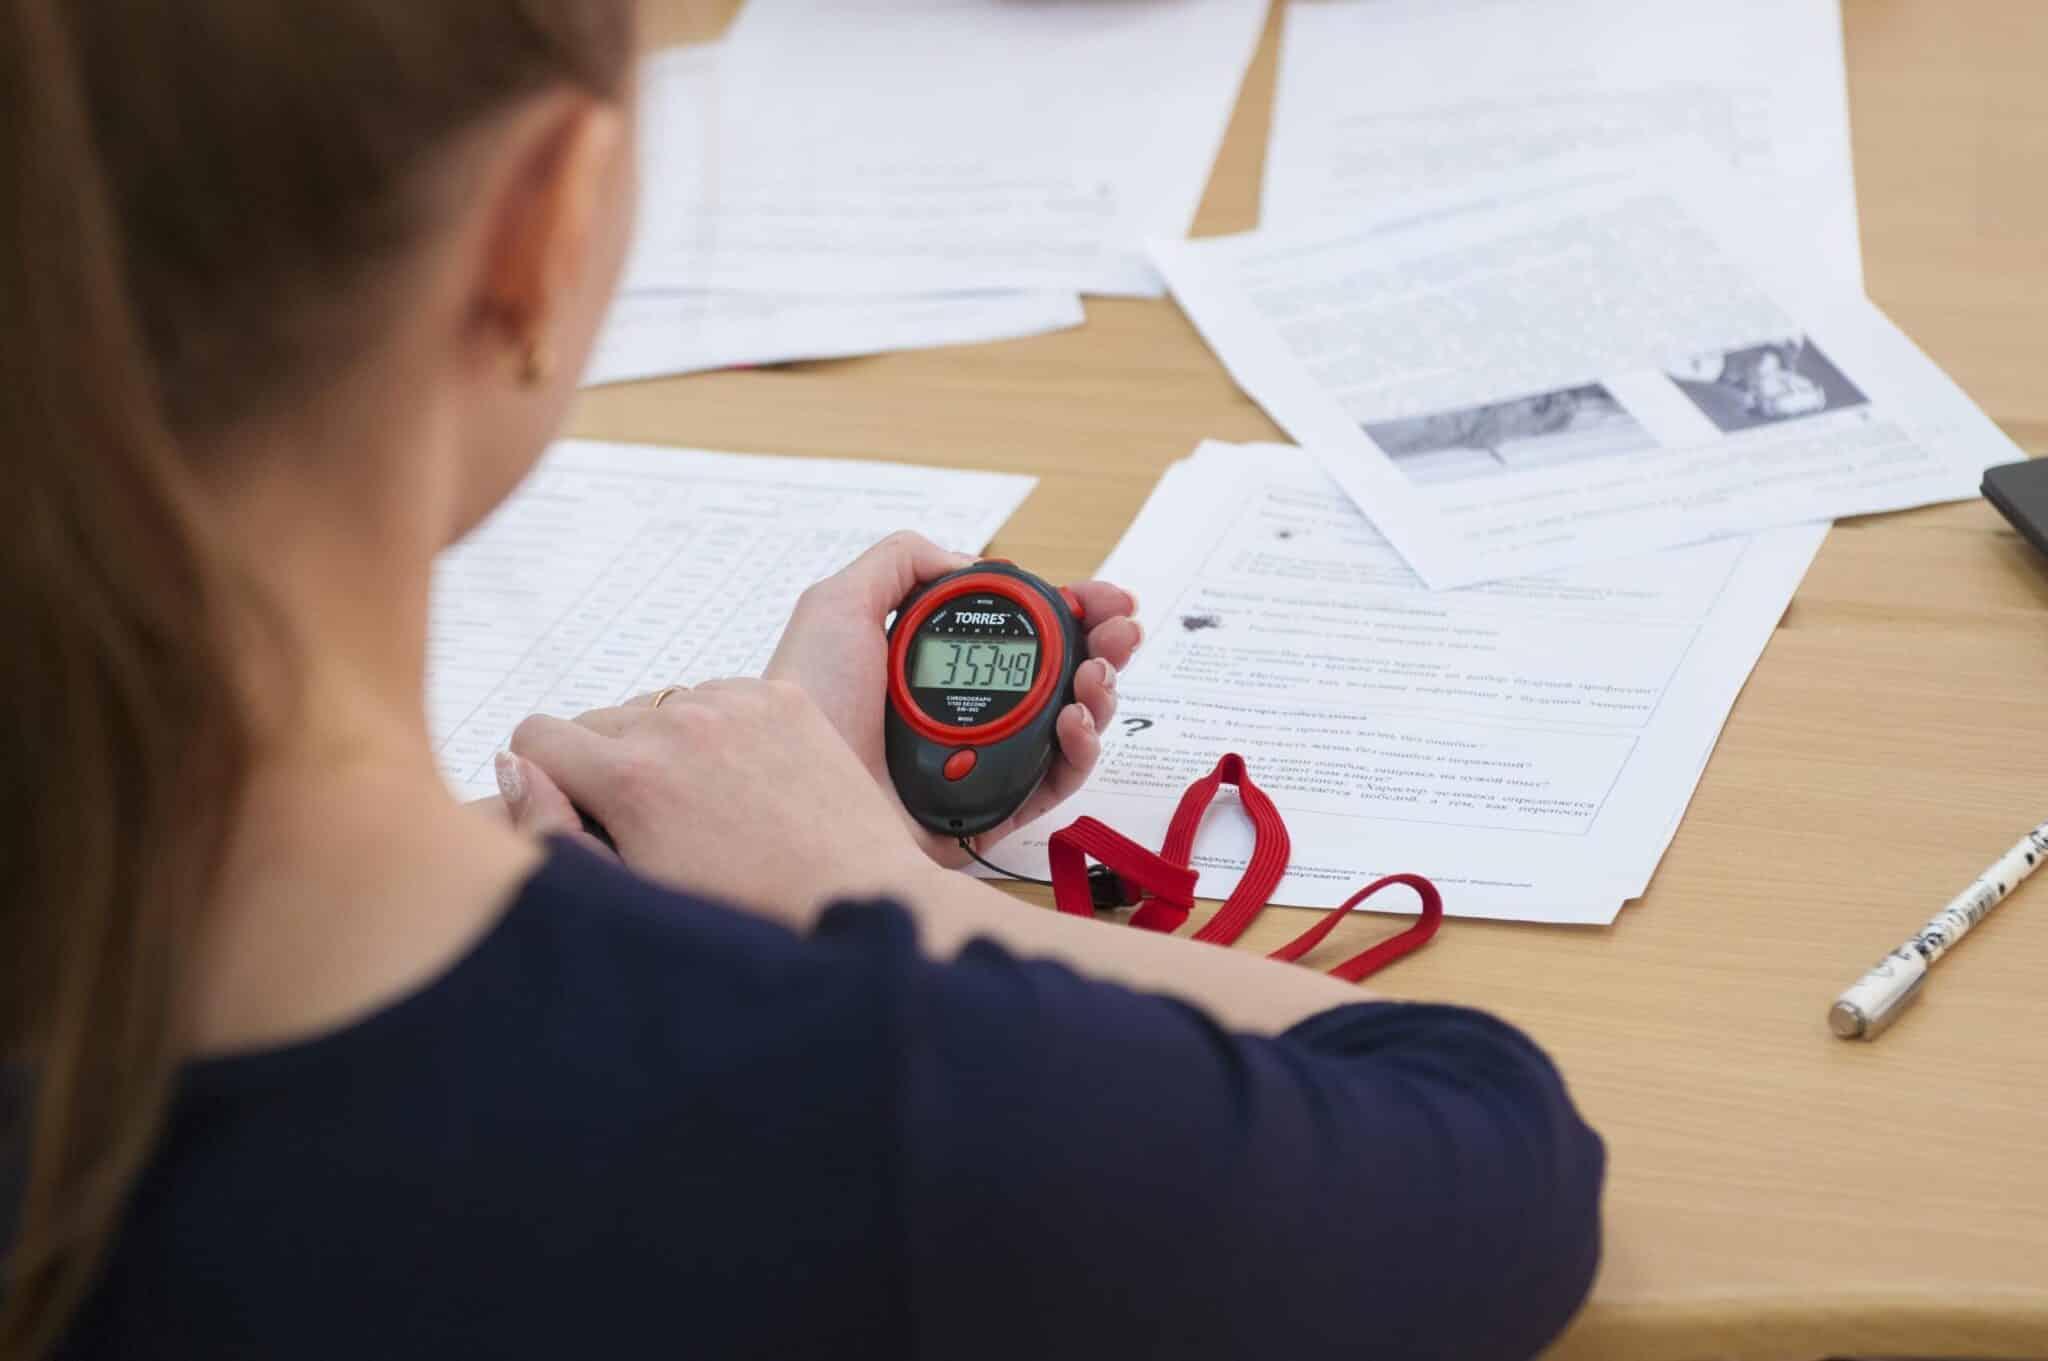 В России могут отменить для 9 классов итоговое собеседование по русскому языку и сделать его дистанционным